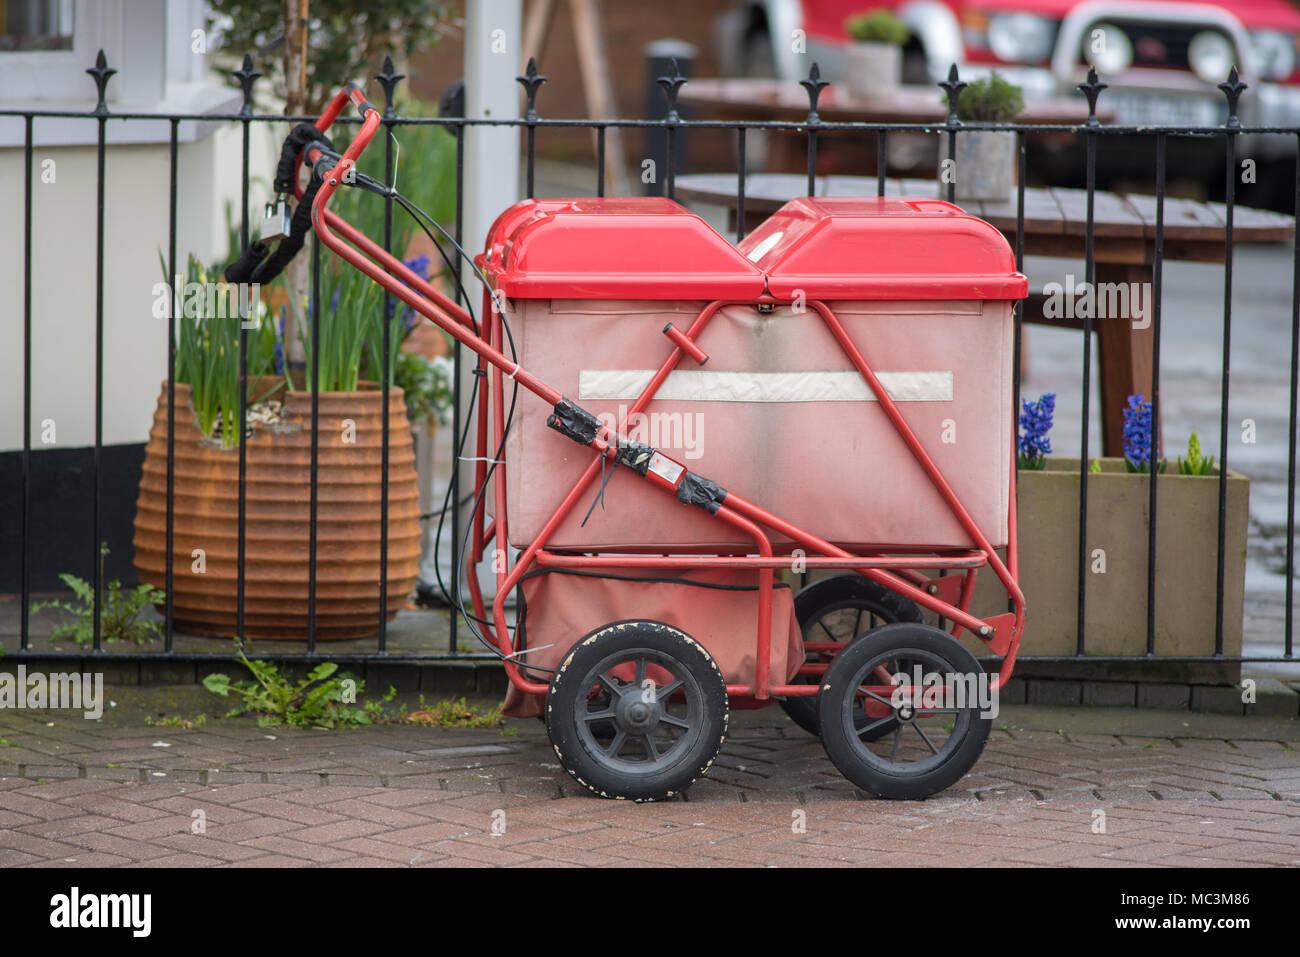 Recinzioni In Ferro Per Giardino.Rosso Brillante Royal Mail Spingere Il Carrello Barrow Incatenato Al